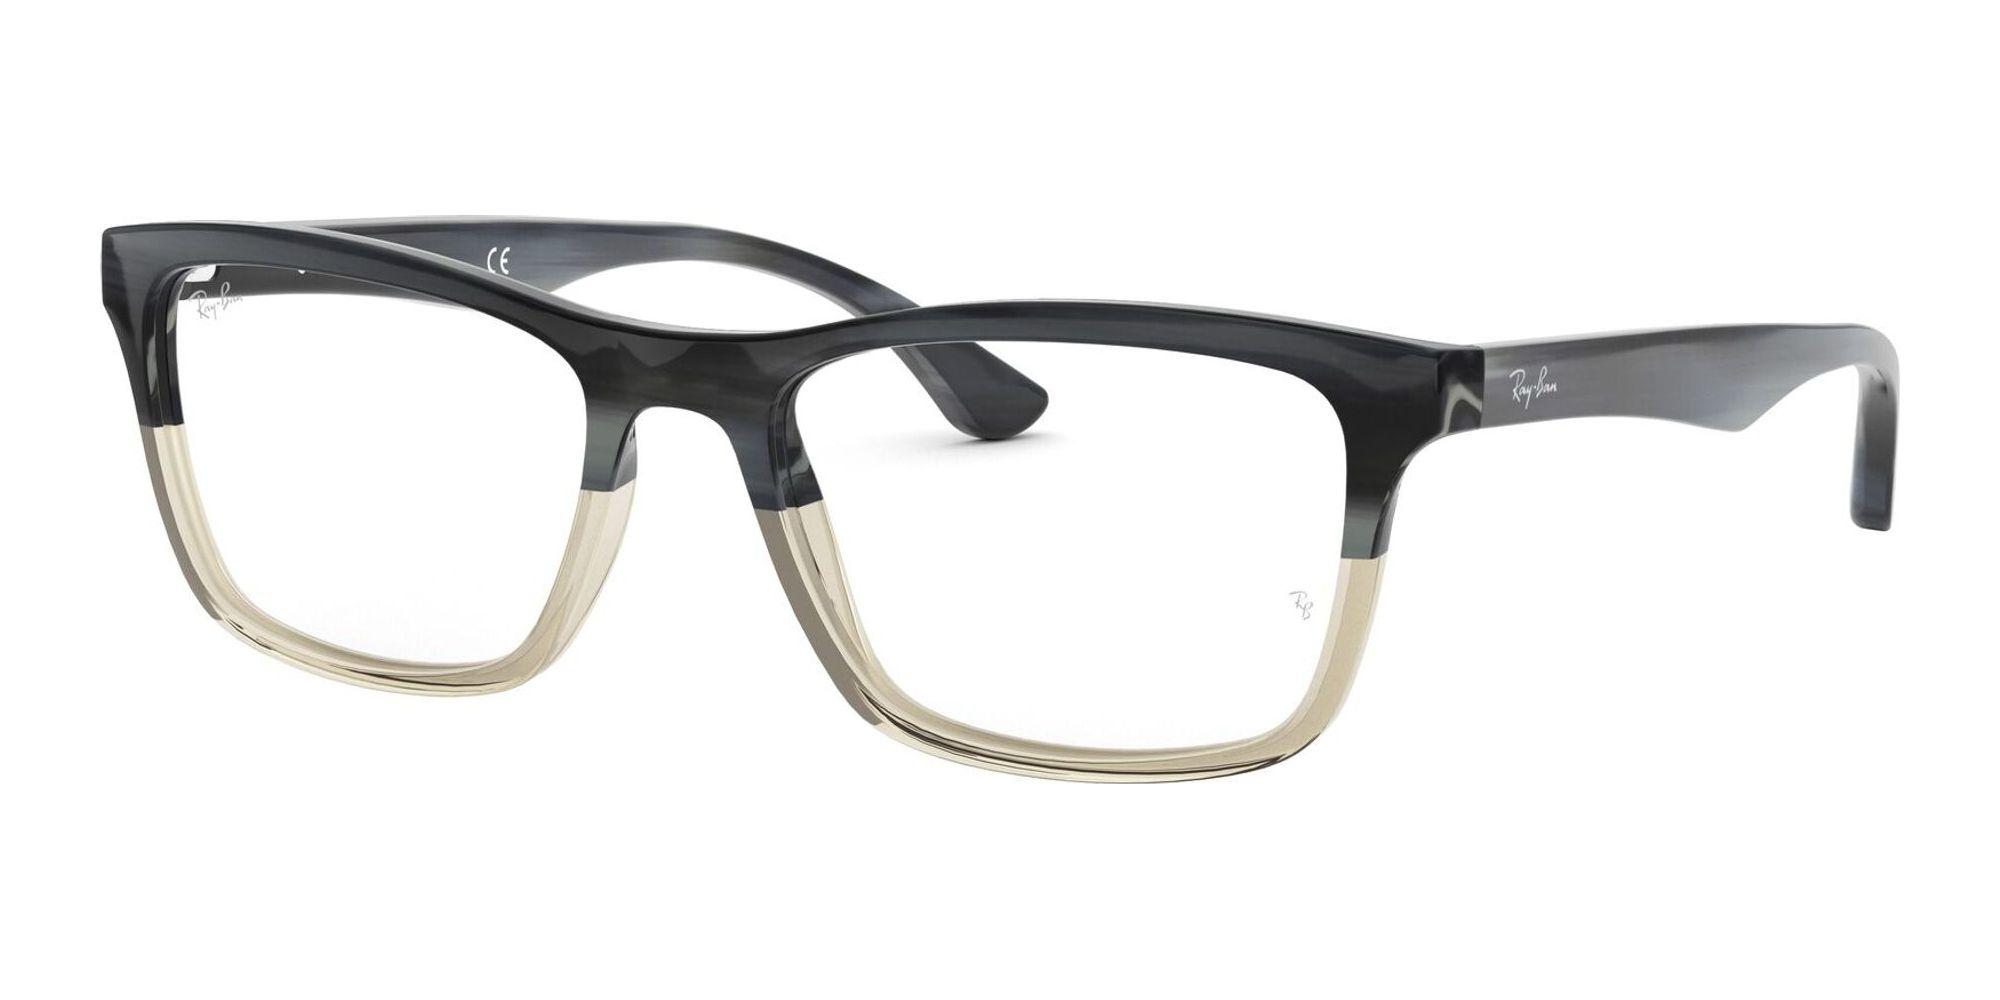 Ray-Ban brillen RX 5279